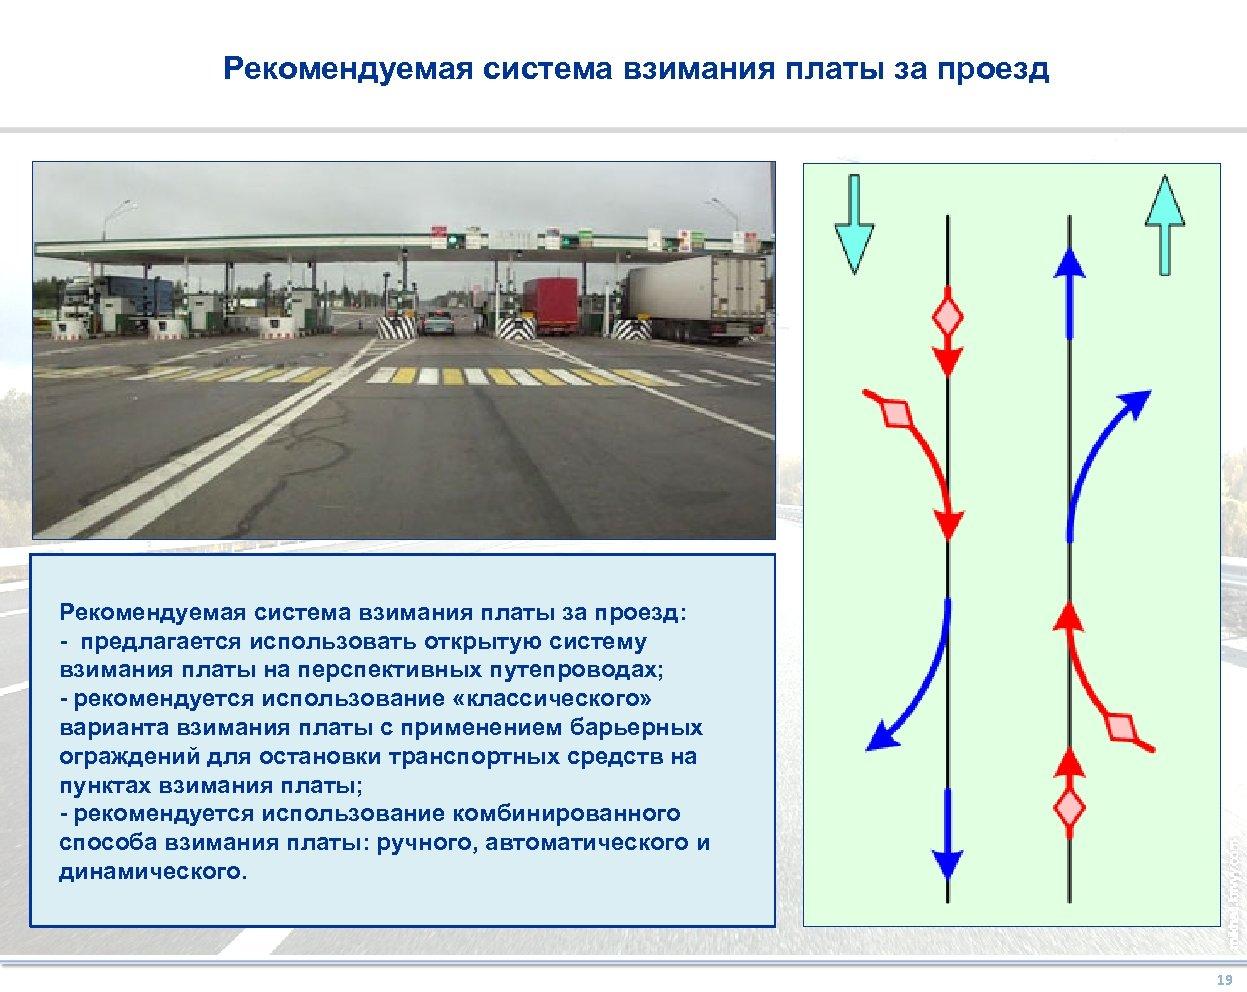 Рекомендуемая система взимания платы за проезд: - предлагается использовать открытую систему взимания платы на